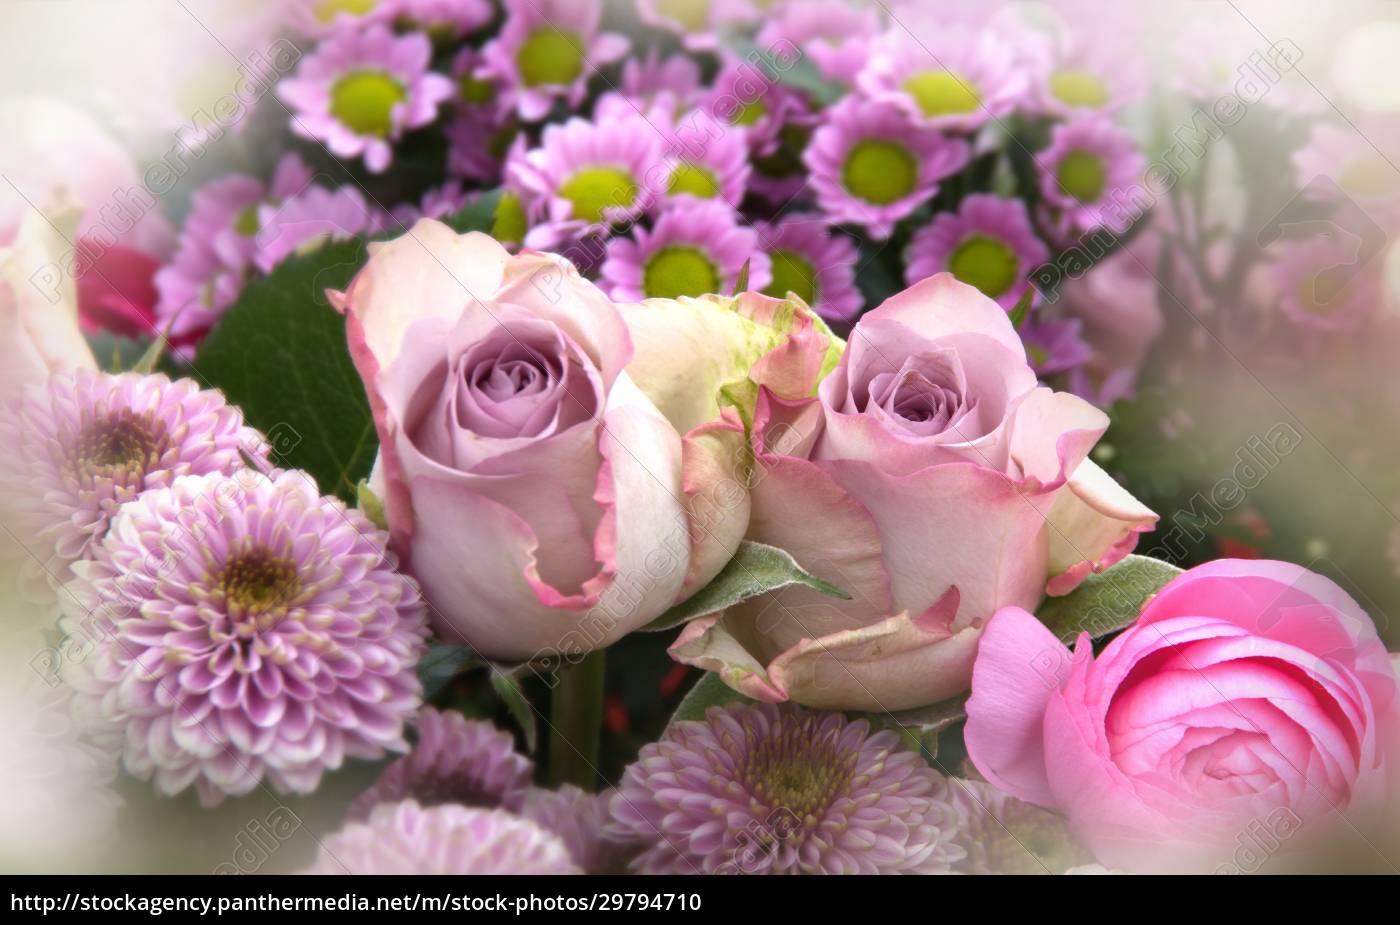 różowe, kwiaty, matki, dzień, martwa, natura - 29794710